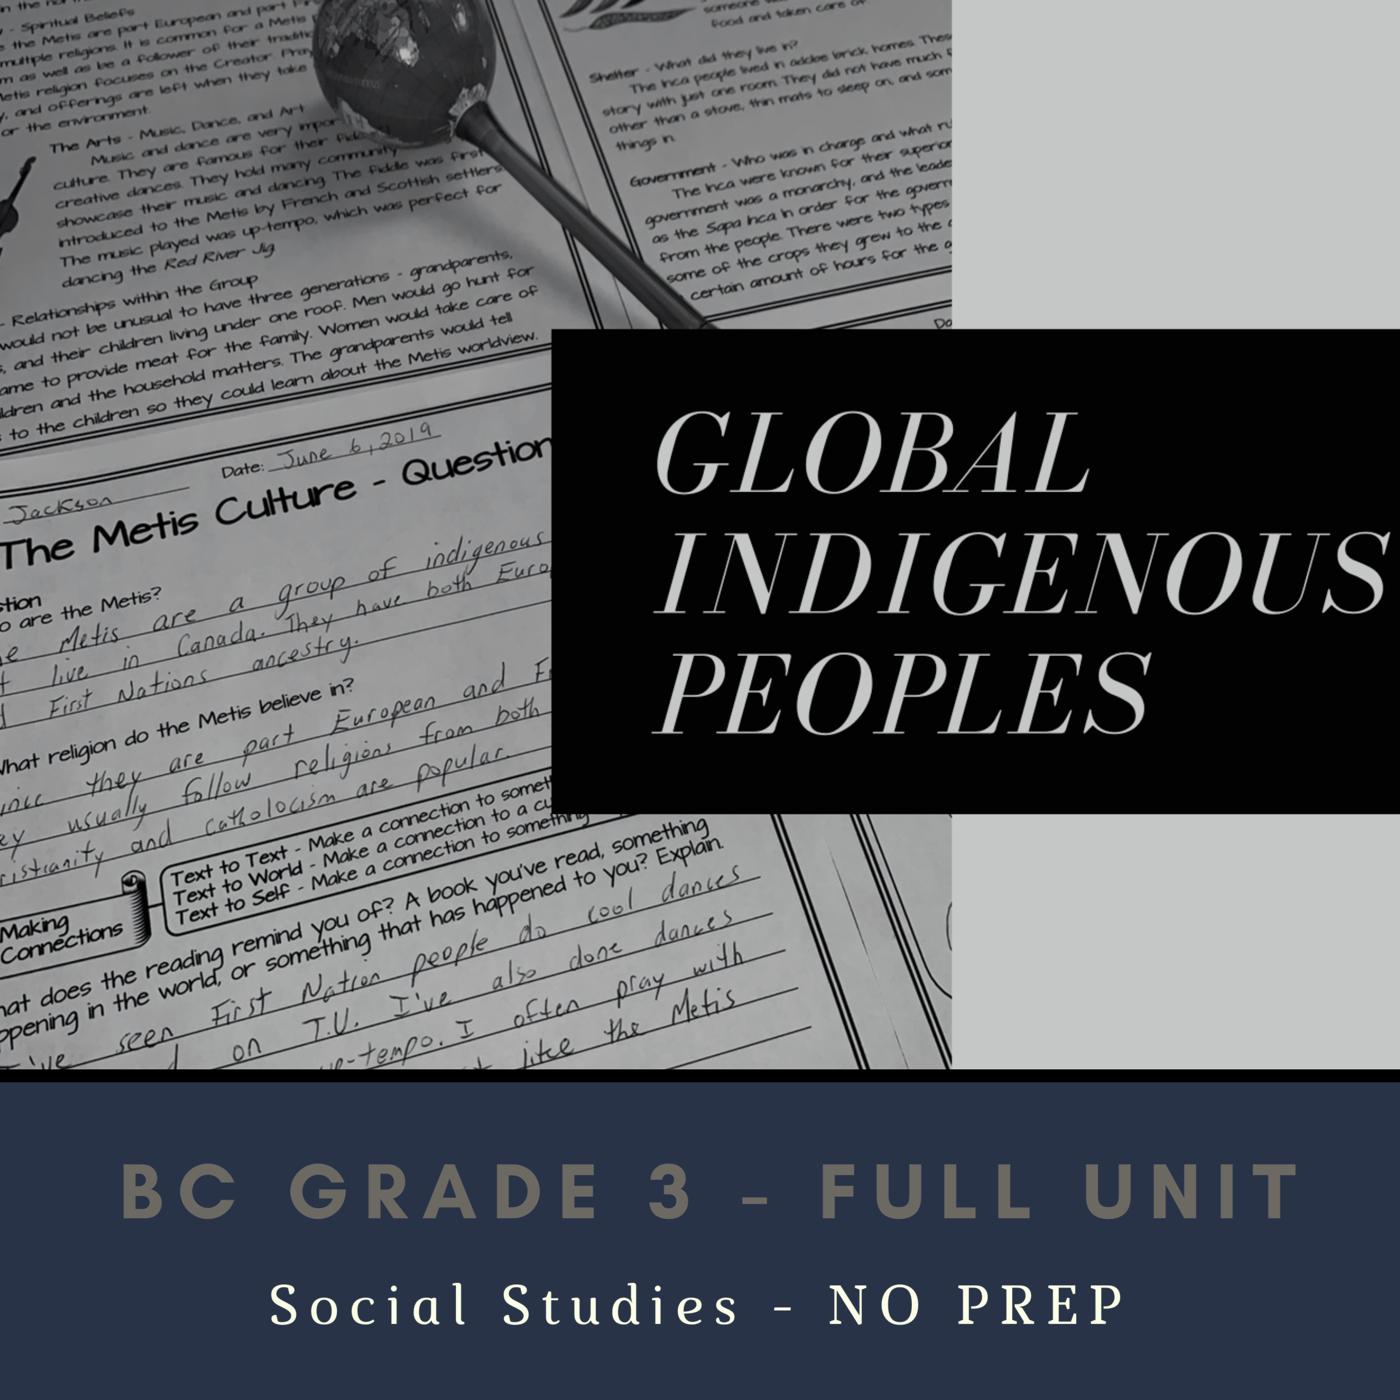 Global Indigenous Peoples